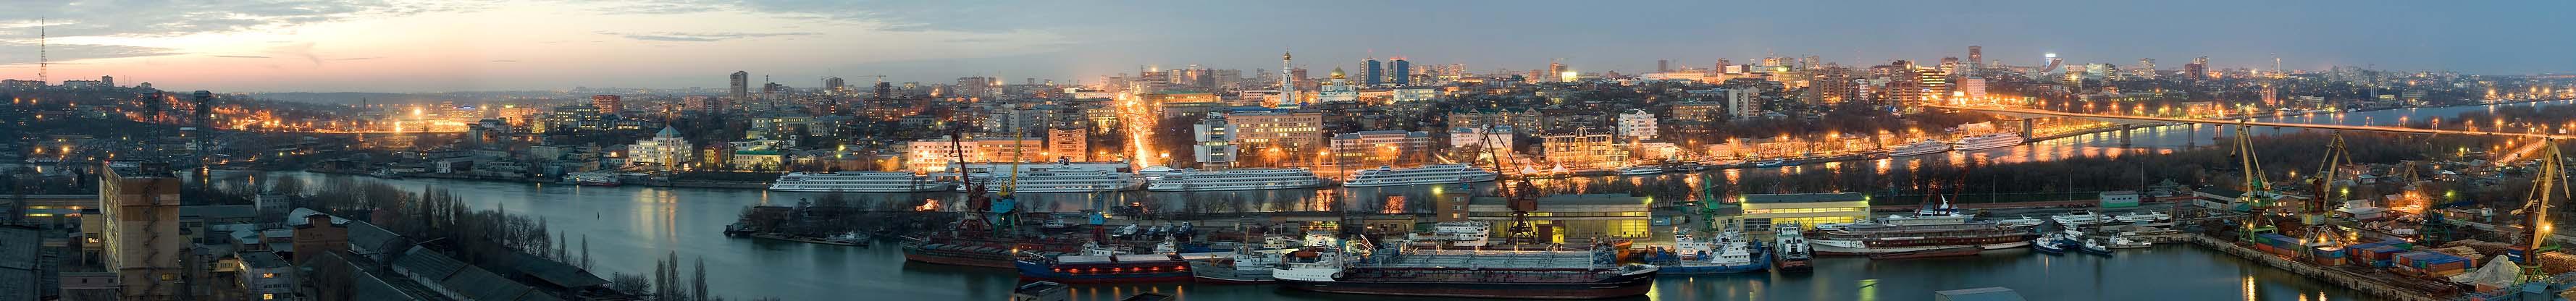 Карта Ростова-b на/b-b Дону/b.  Интерактивная.